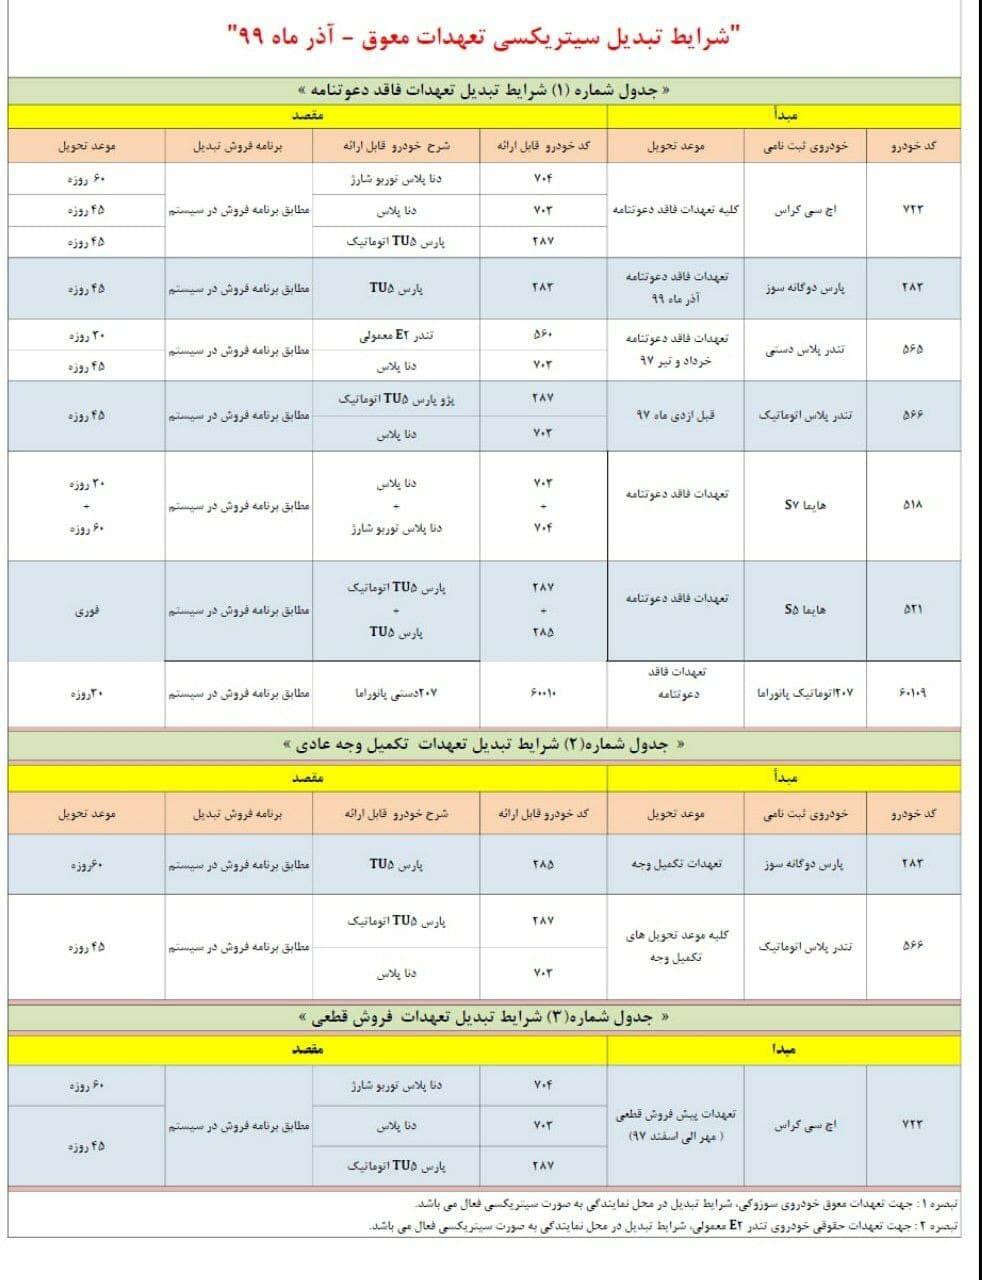 طرح تبدیل حوالههای ایران خودرو آذر 99